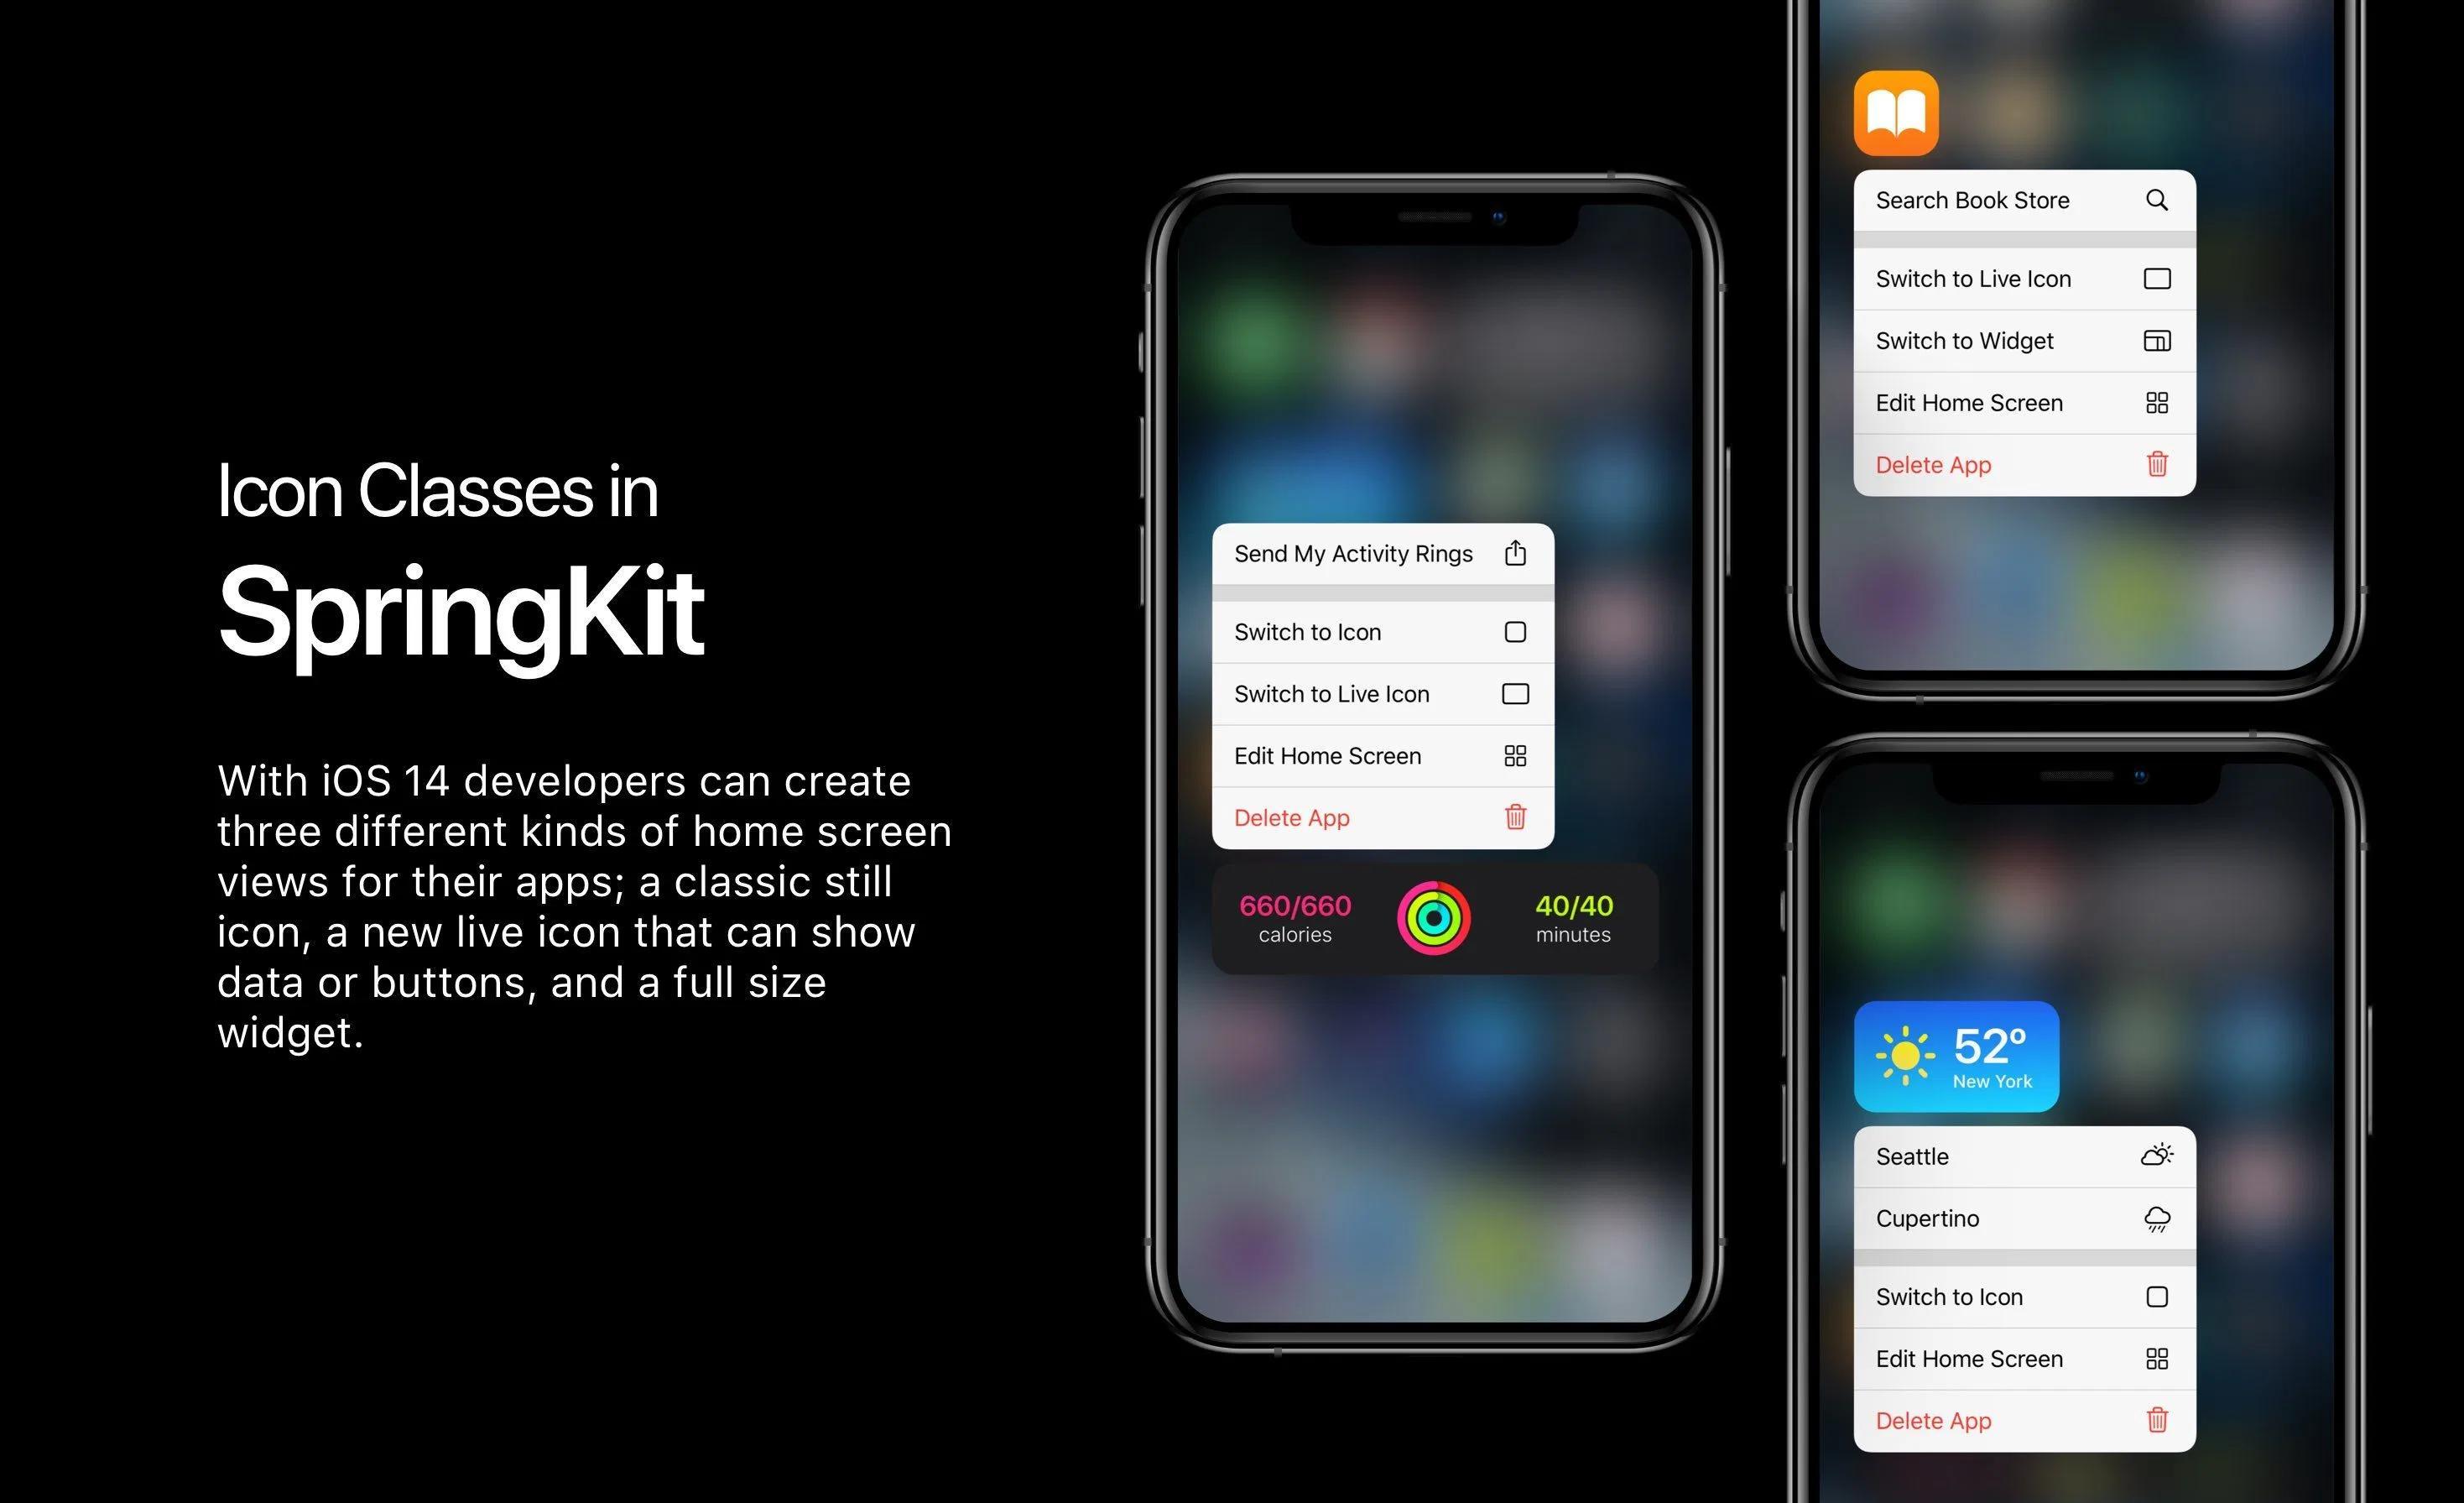 Жуналист BuzzFeed сделал концепт iOS 14 с виджетами на домашнем экране